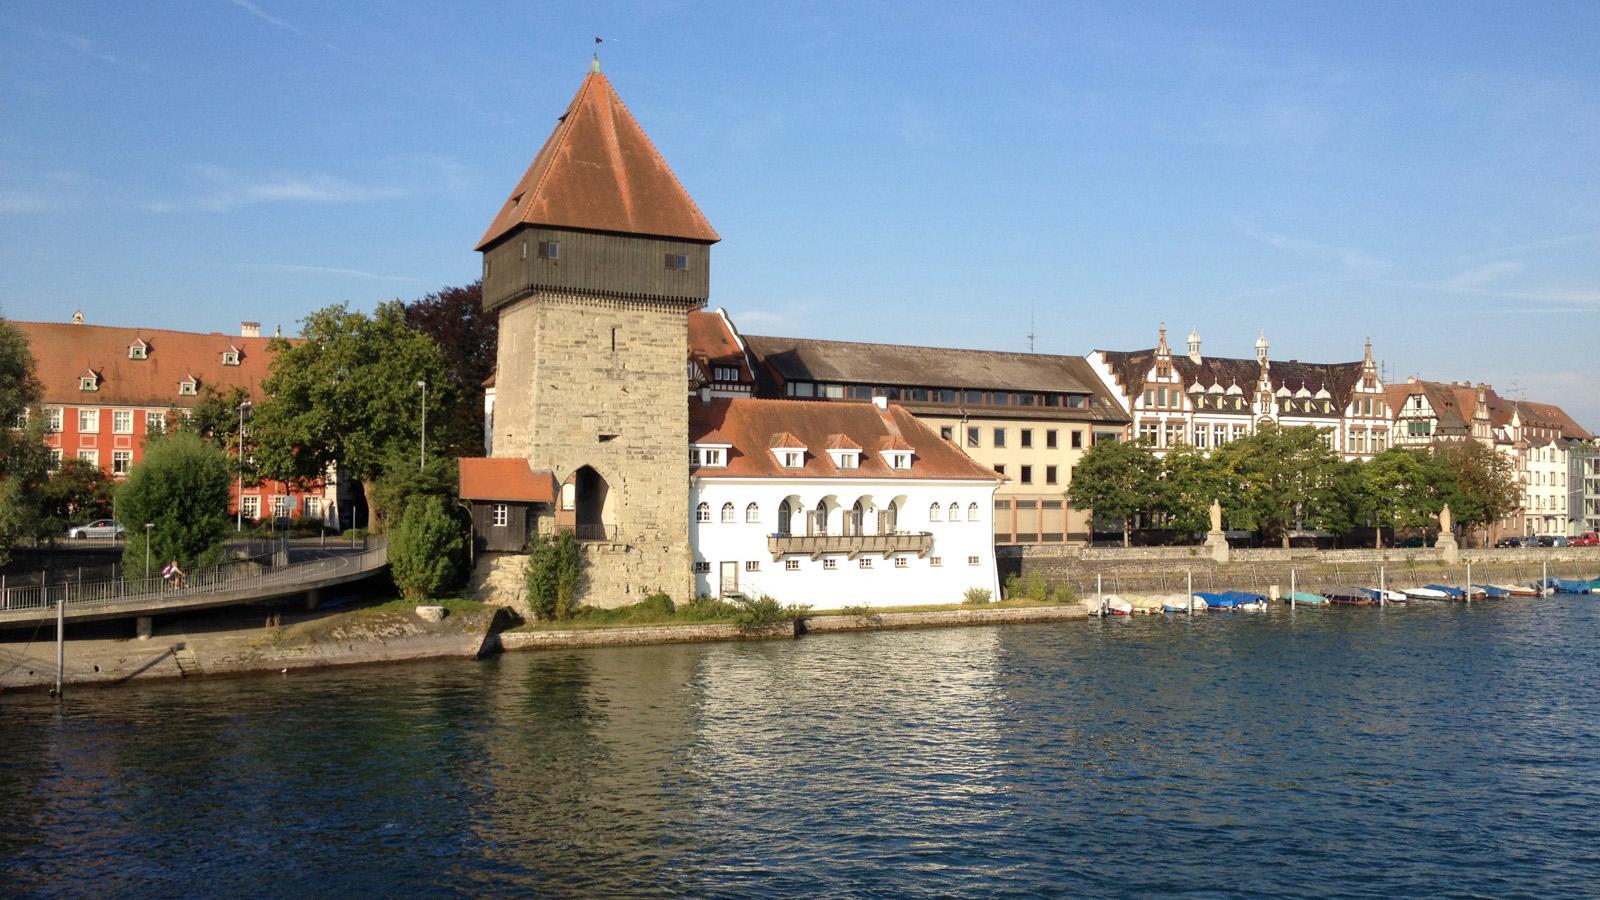 """Konstanzer Altstadt mit Rheintor-Turm und der """"Alten Rheinbrücke"""" Richtung Stadtzentrum am Bodensee"""